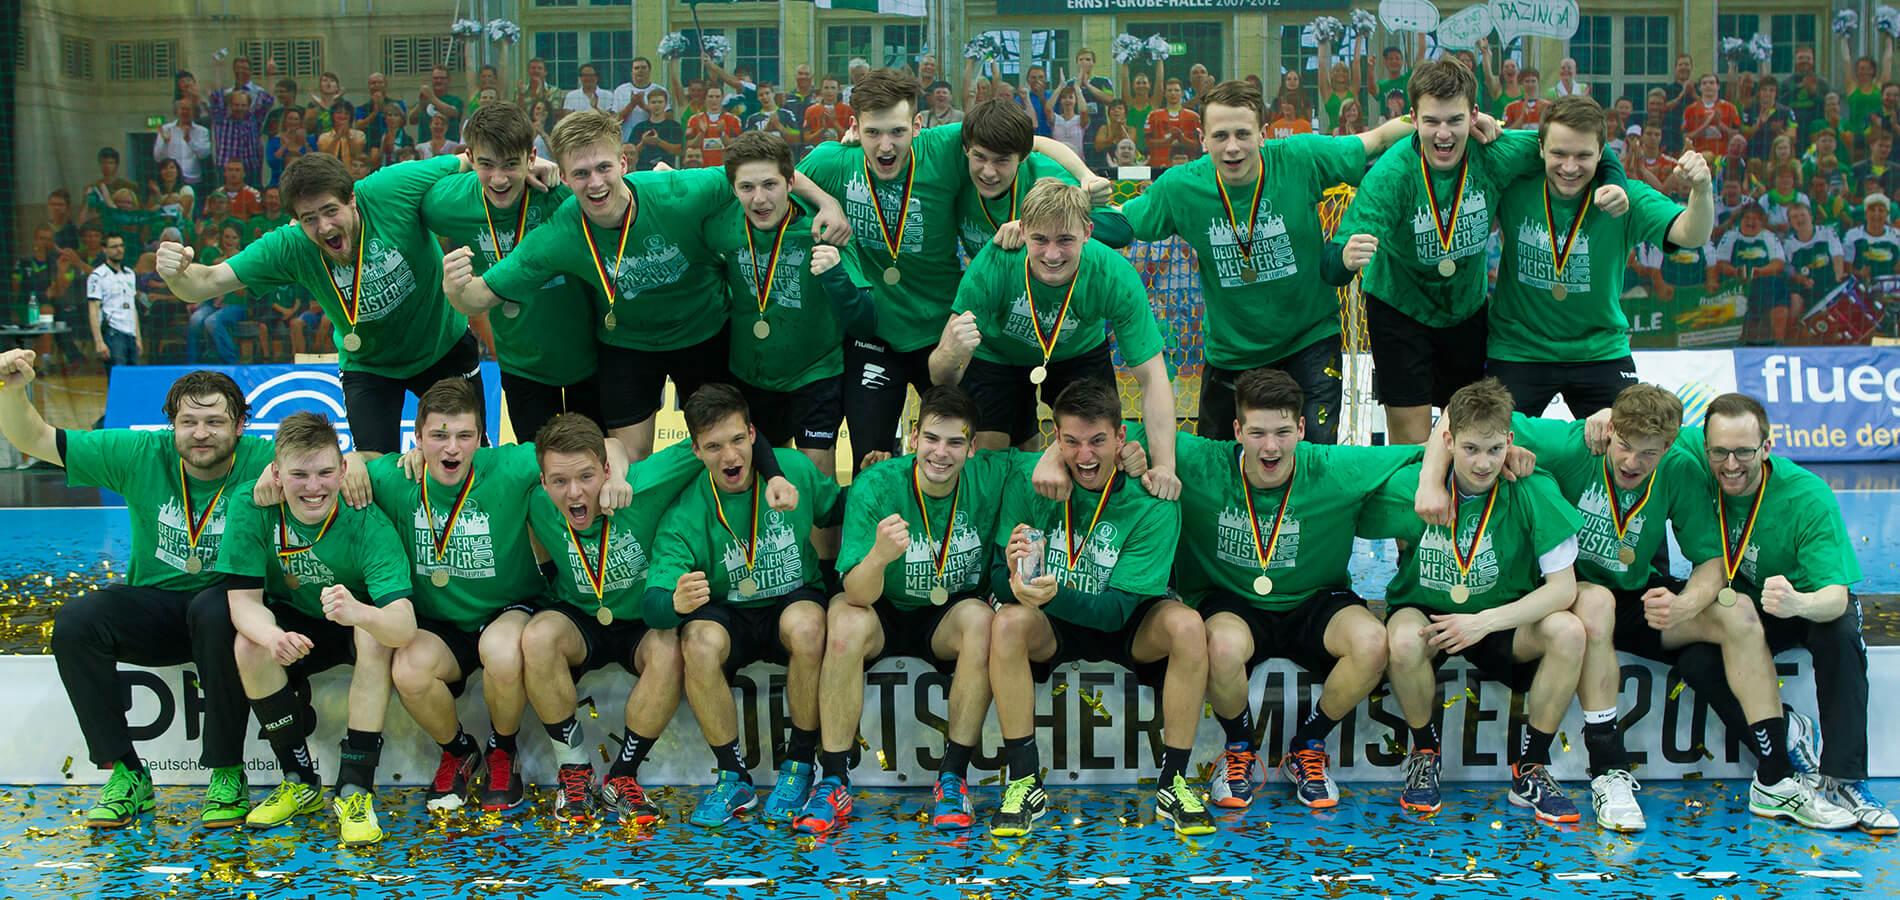 Ein SCDHfK-Team nach dem Sieg beim feiern